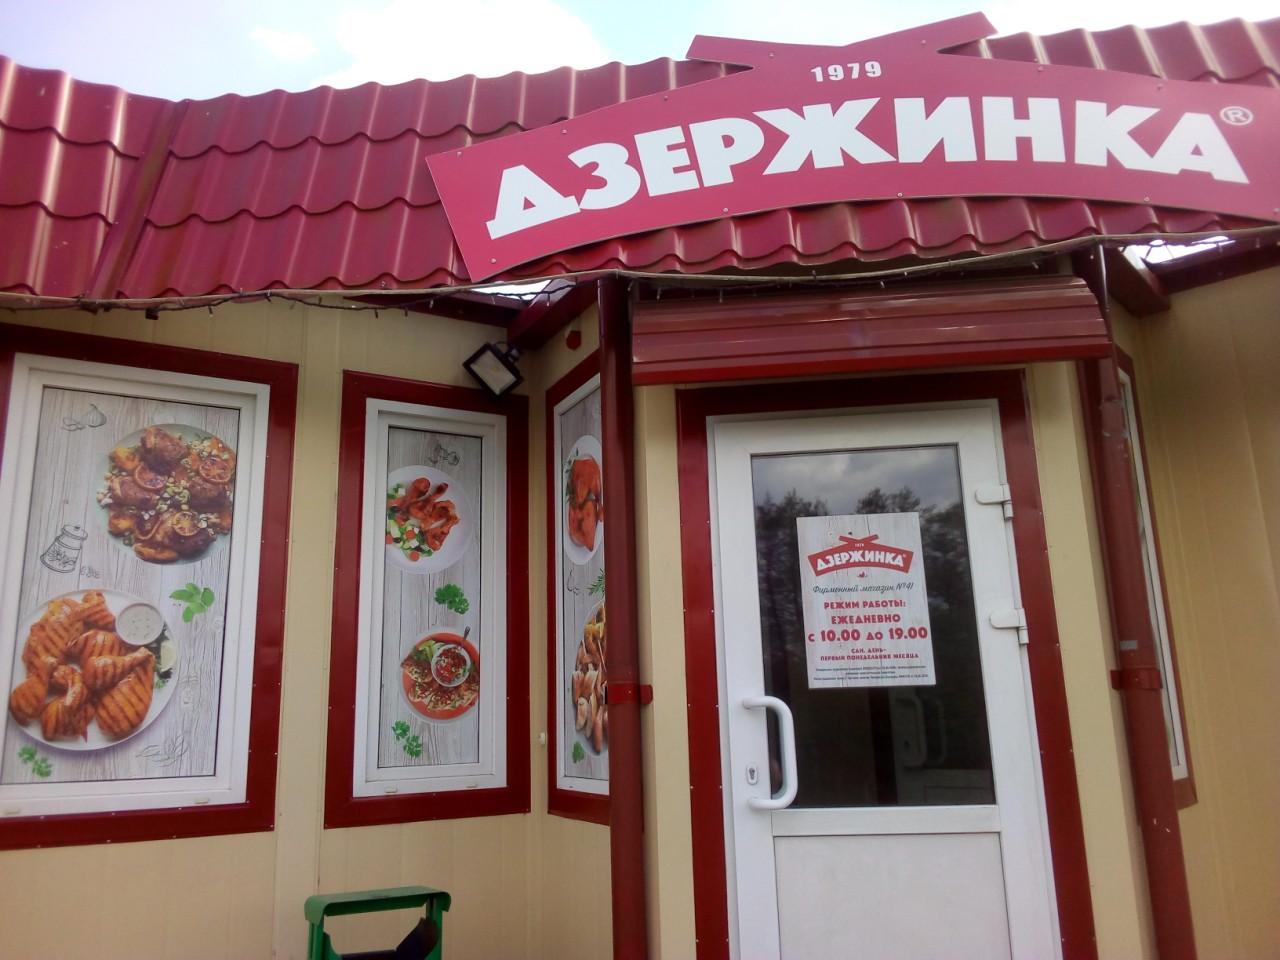 Приглашаем за покупками! Открылся новый фирменный магазин в агрогородке Чачково